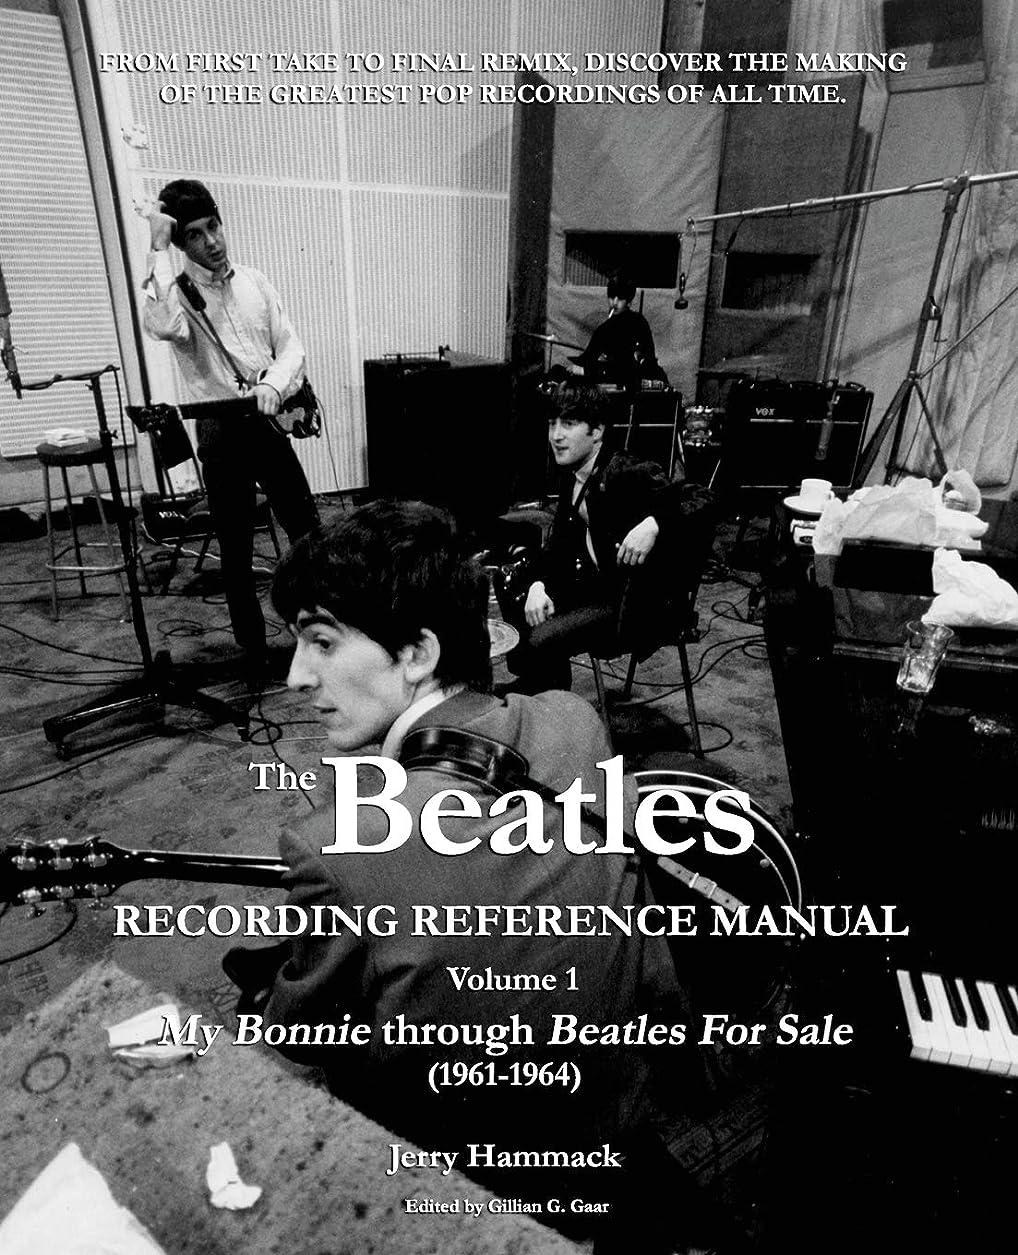 統計的つぶす兄弟愛The Beatles Recording Reference Manual: Volume 1: My Bonnie through Beatles For Sale (1961-1964) (The Beatles Recording Reference Manuals)